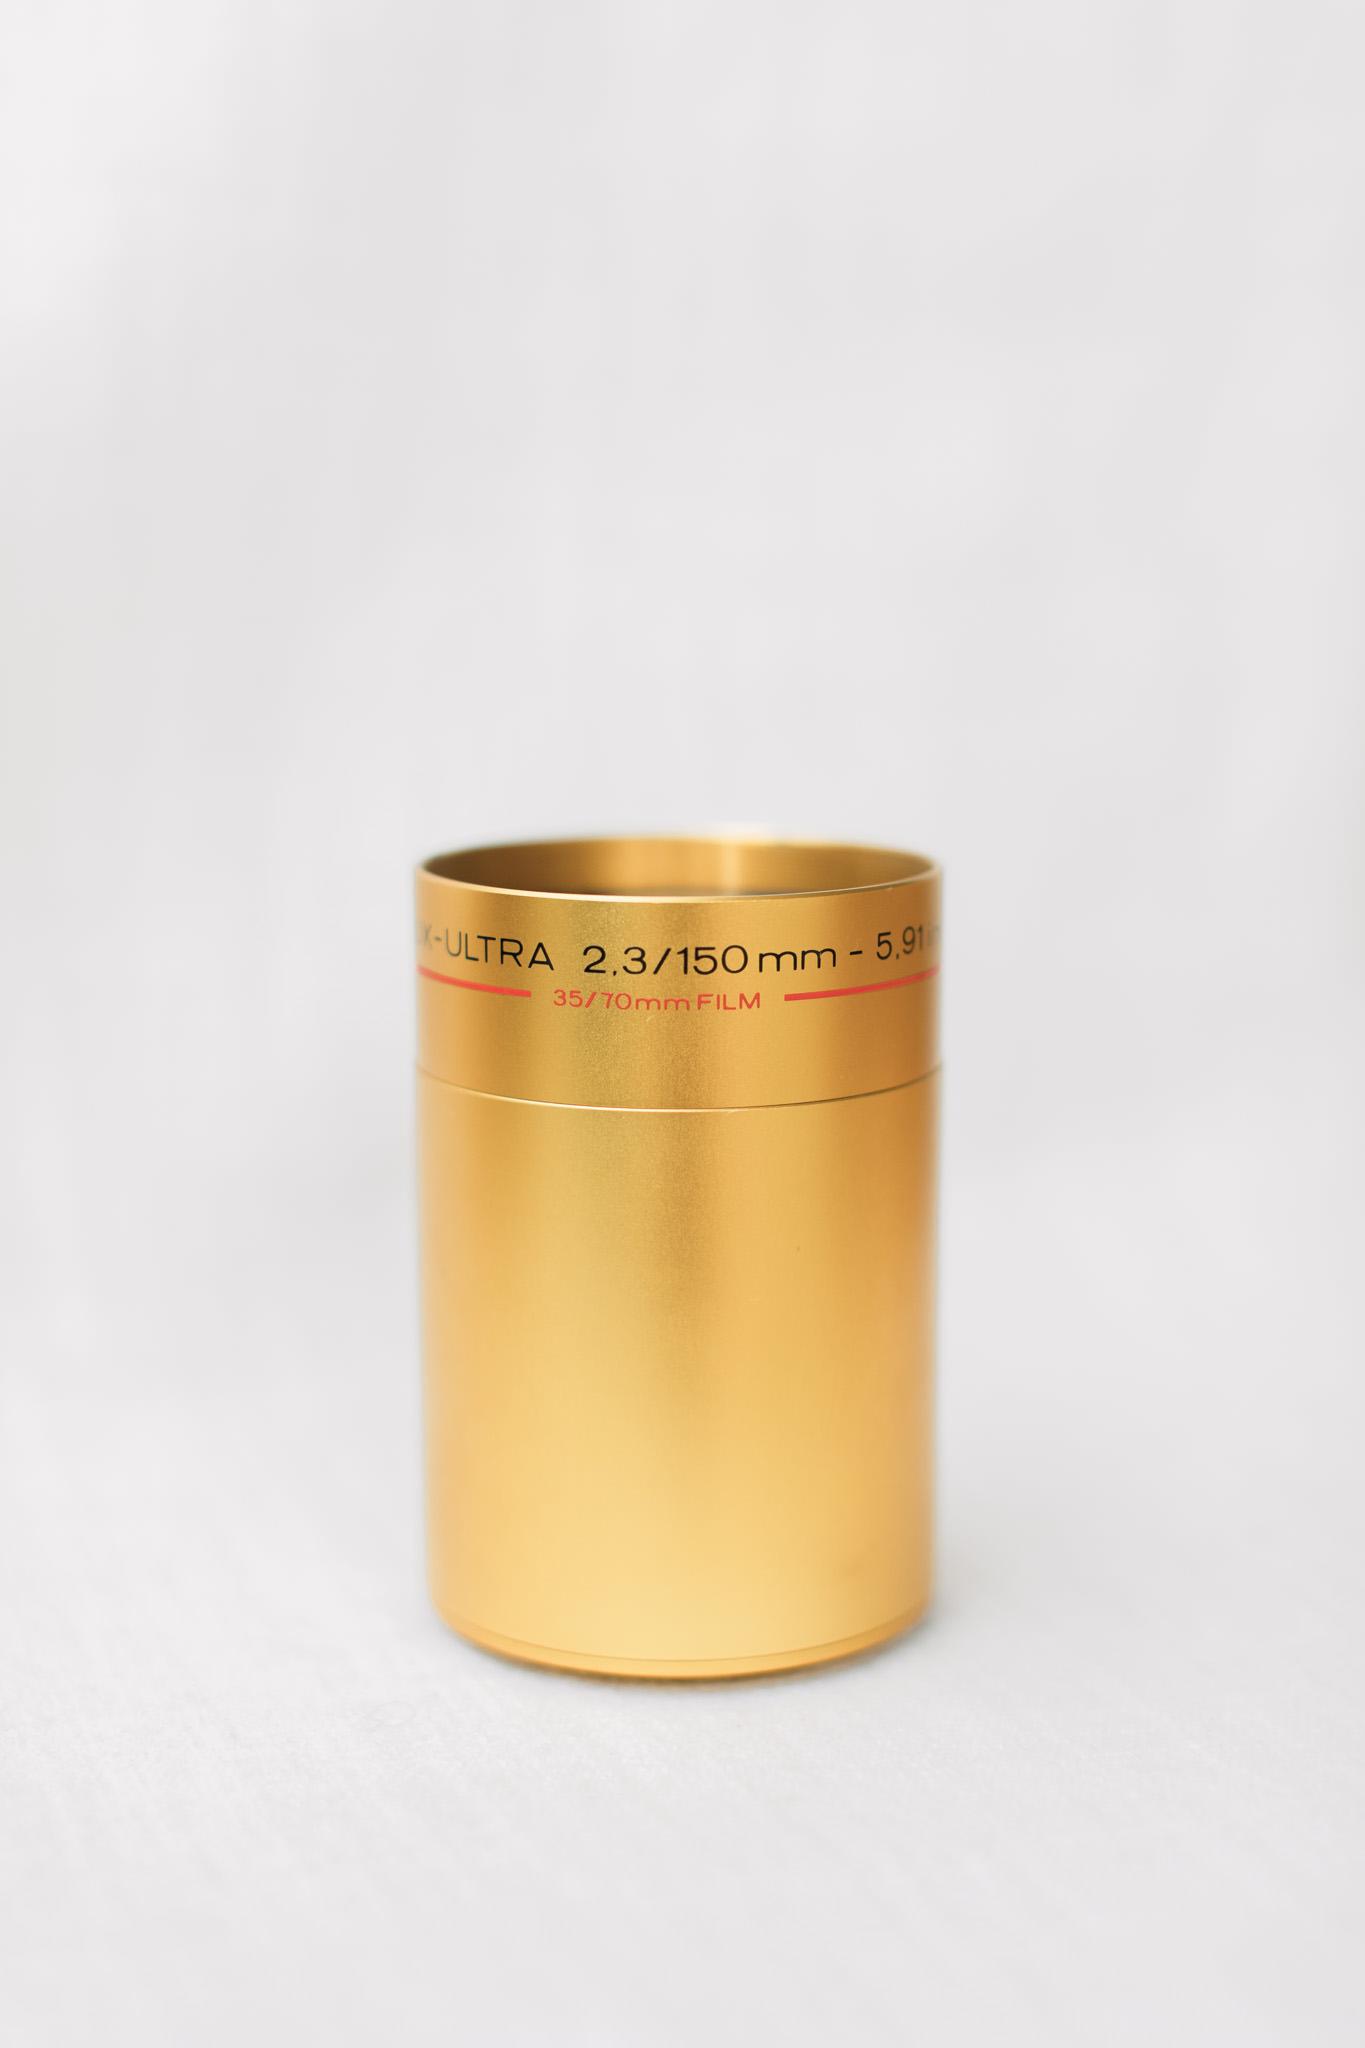 Schneider 150mm f/2.3 Cinelux Ultra